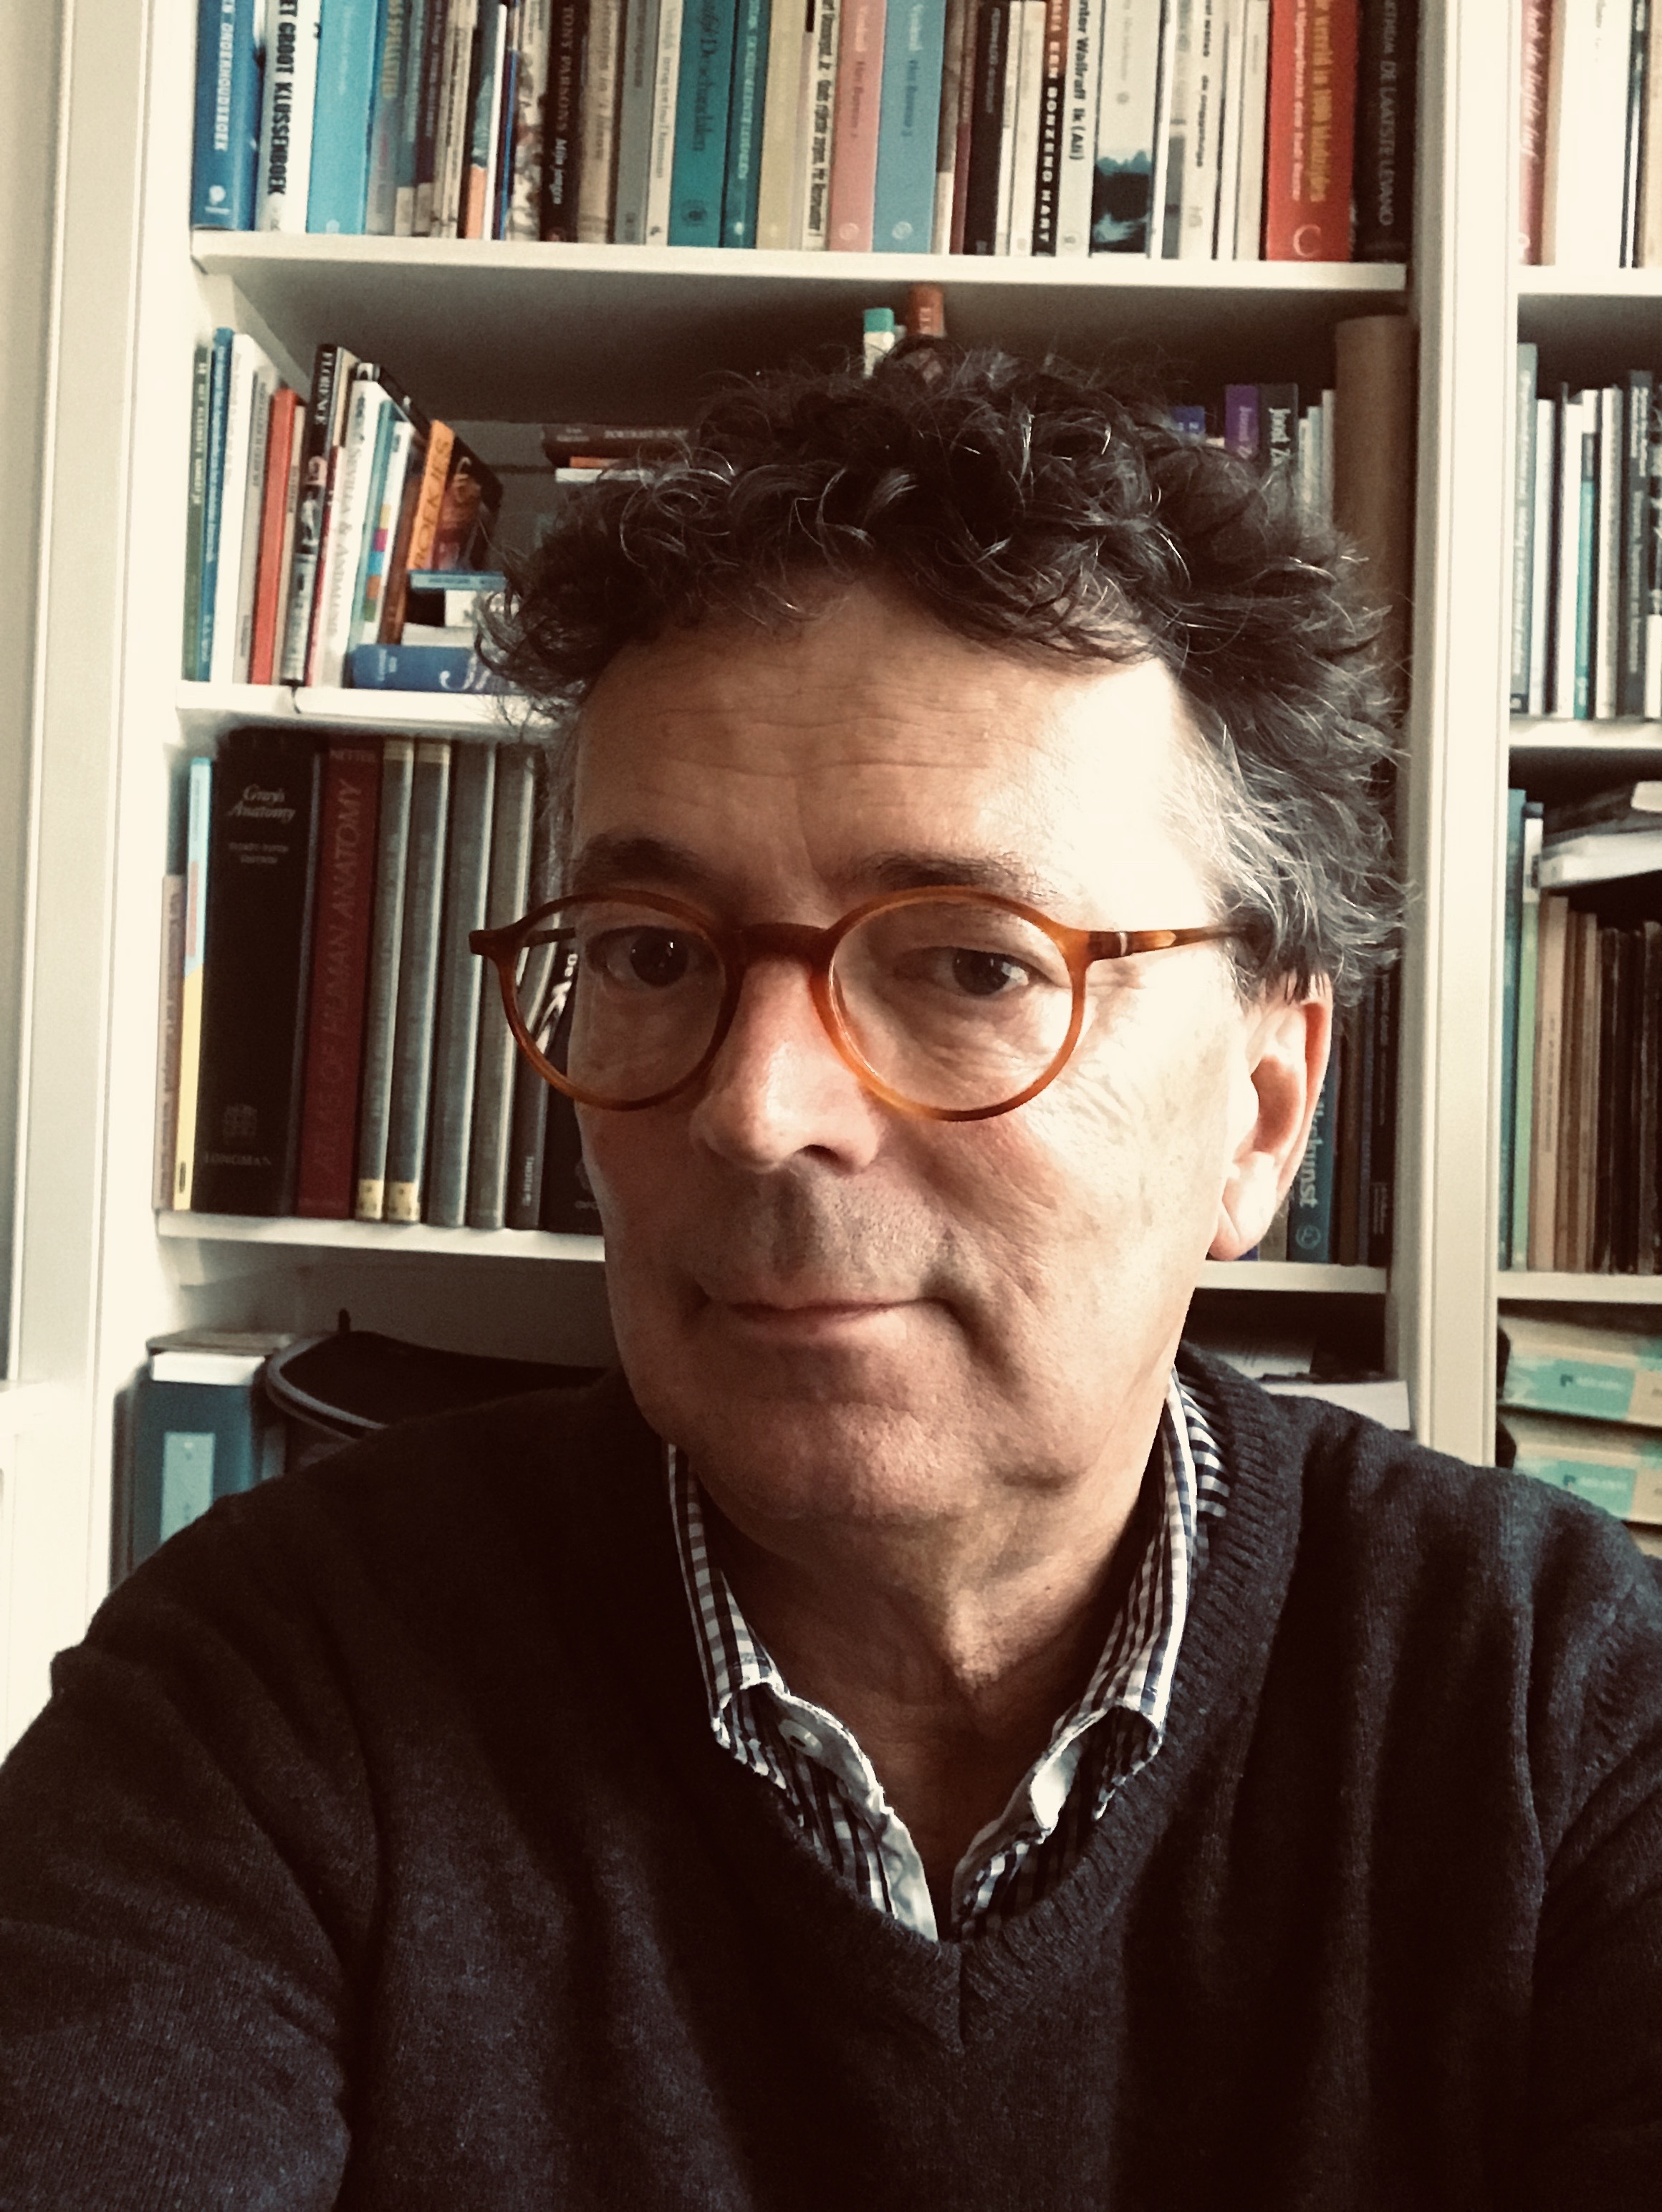 Huisarts Wim Bok. (Foto: aangeleverd)